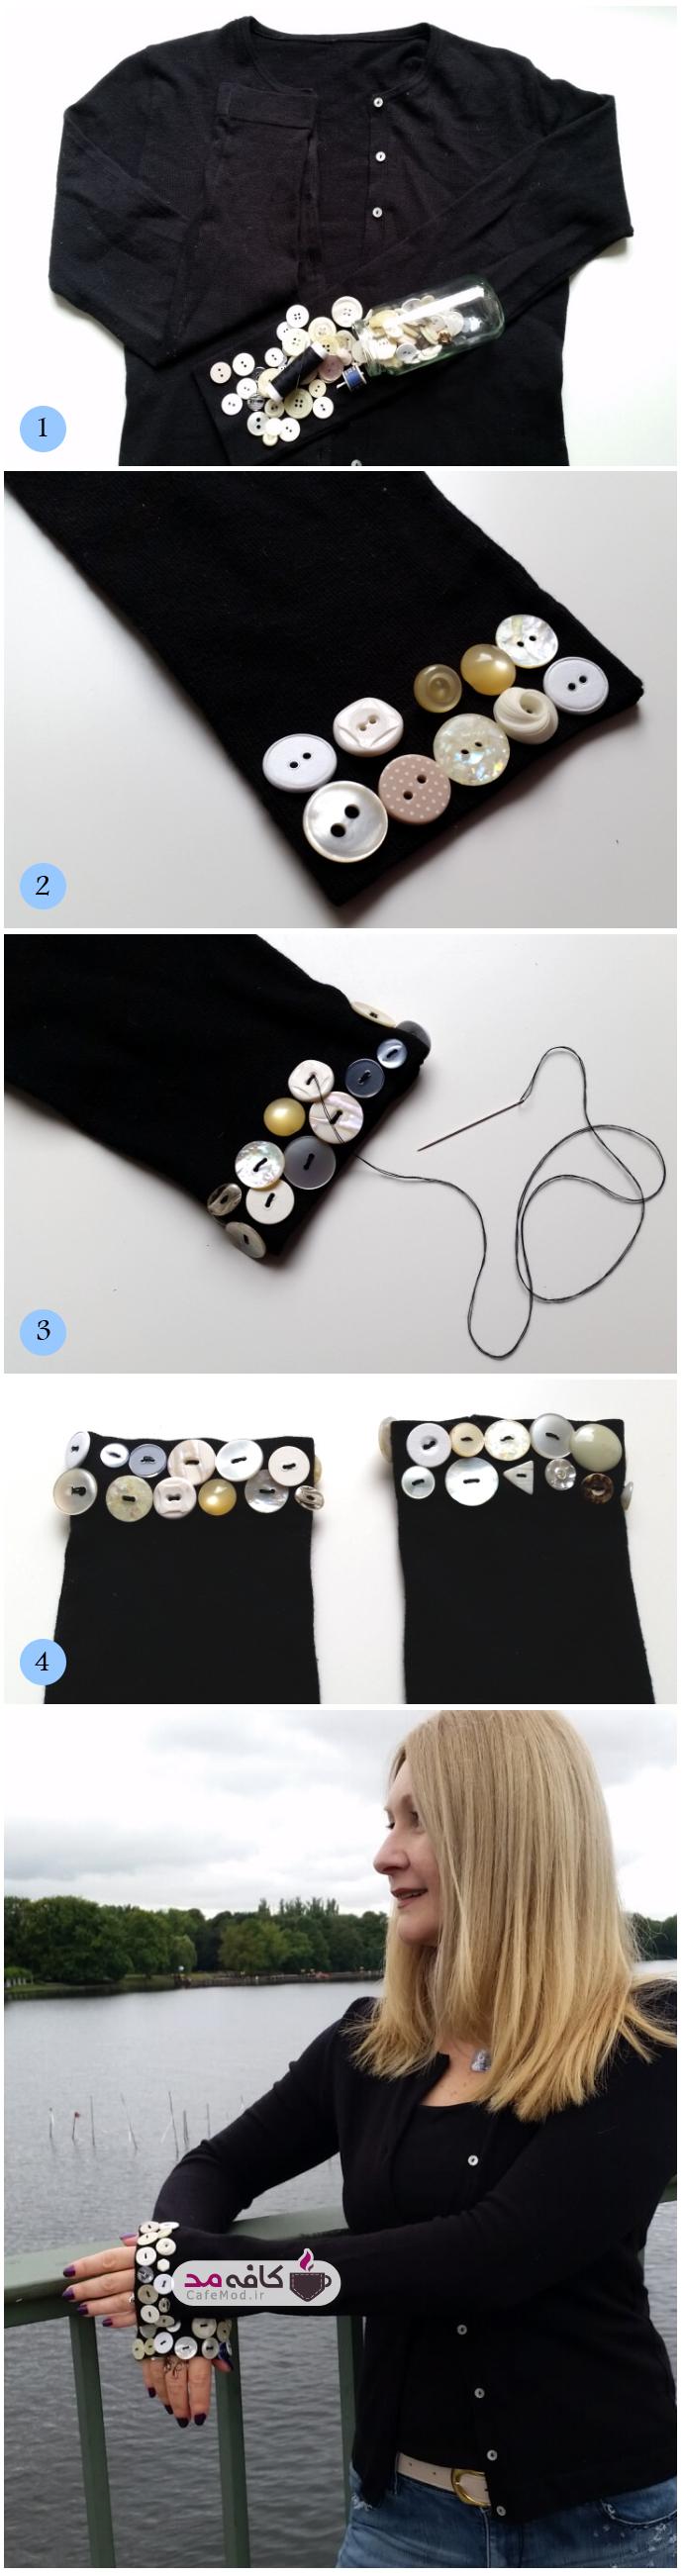 آموزش تزیین آستین لباس با دکمه